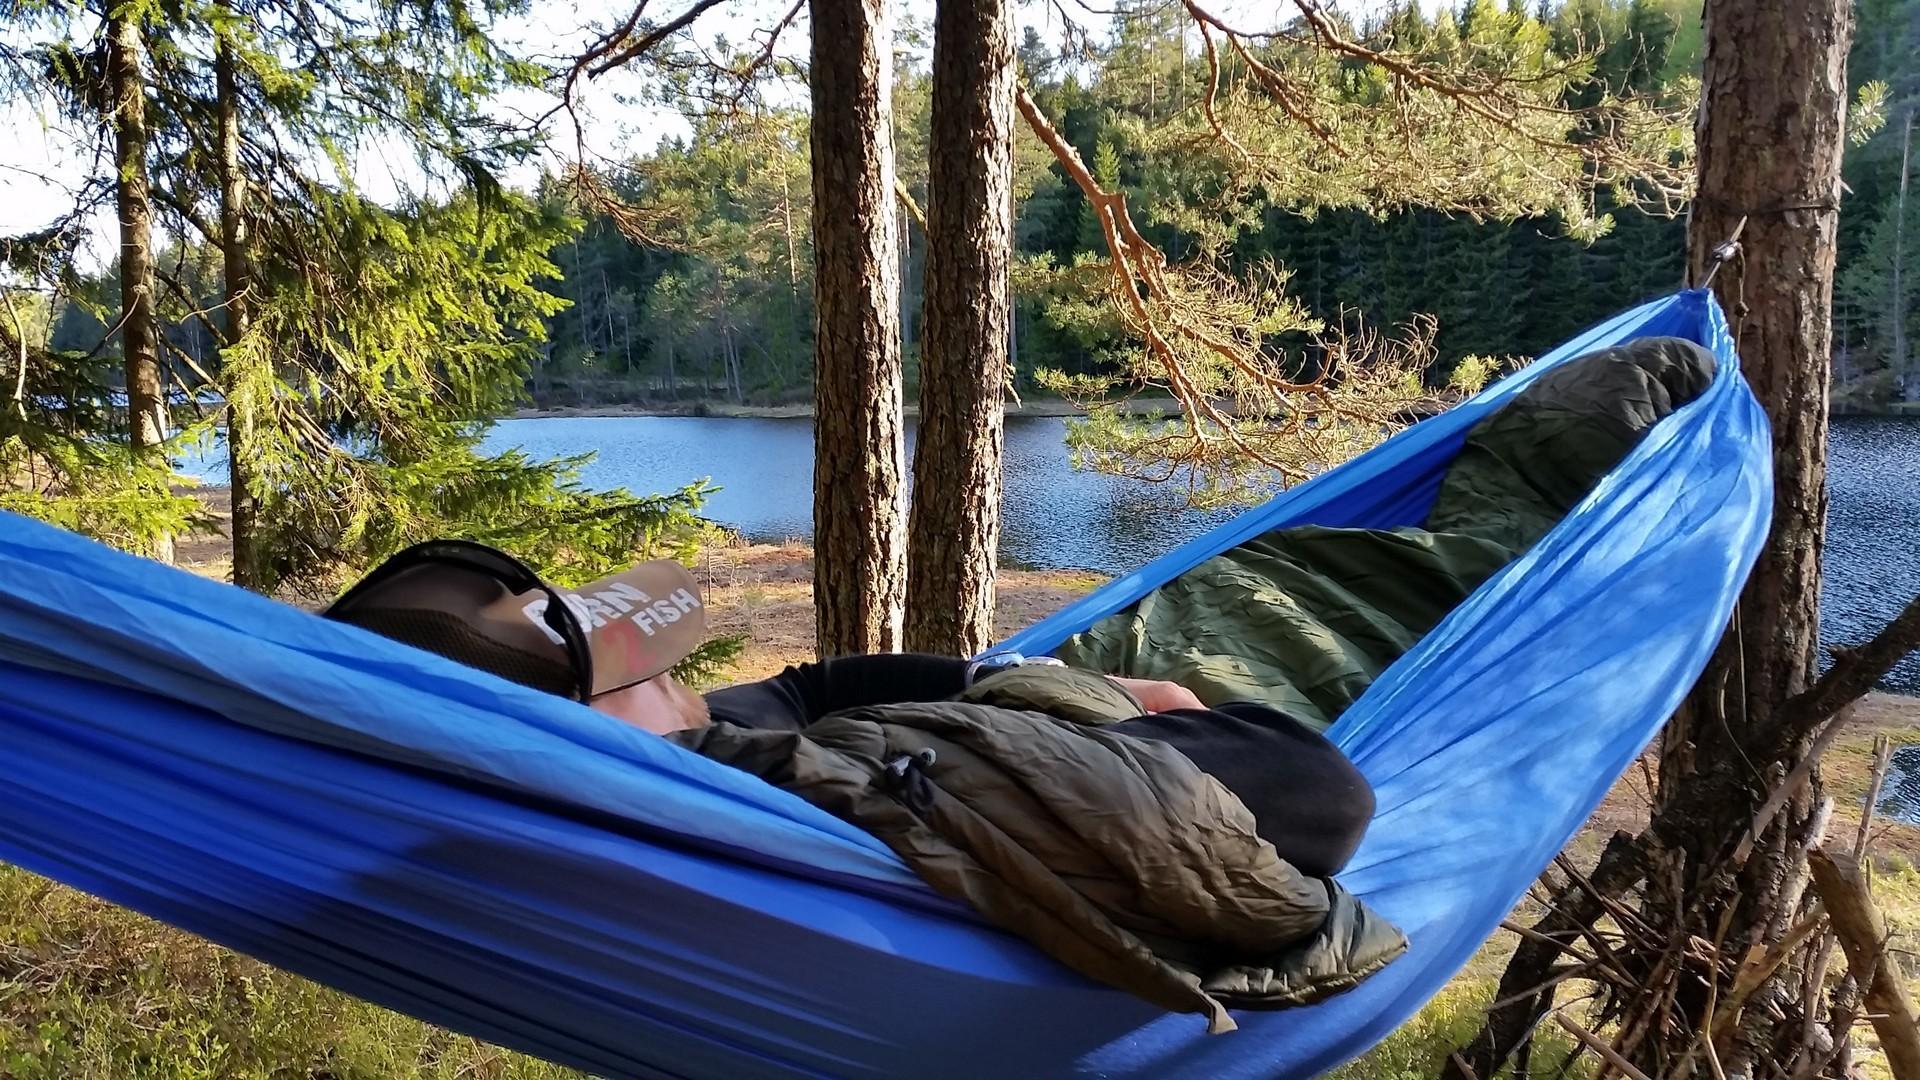 Я сплю в гамаке у реки. Отдых удался.